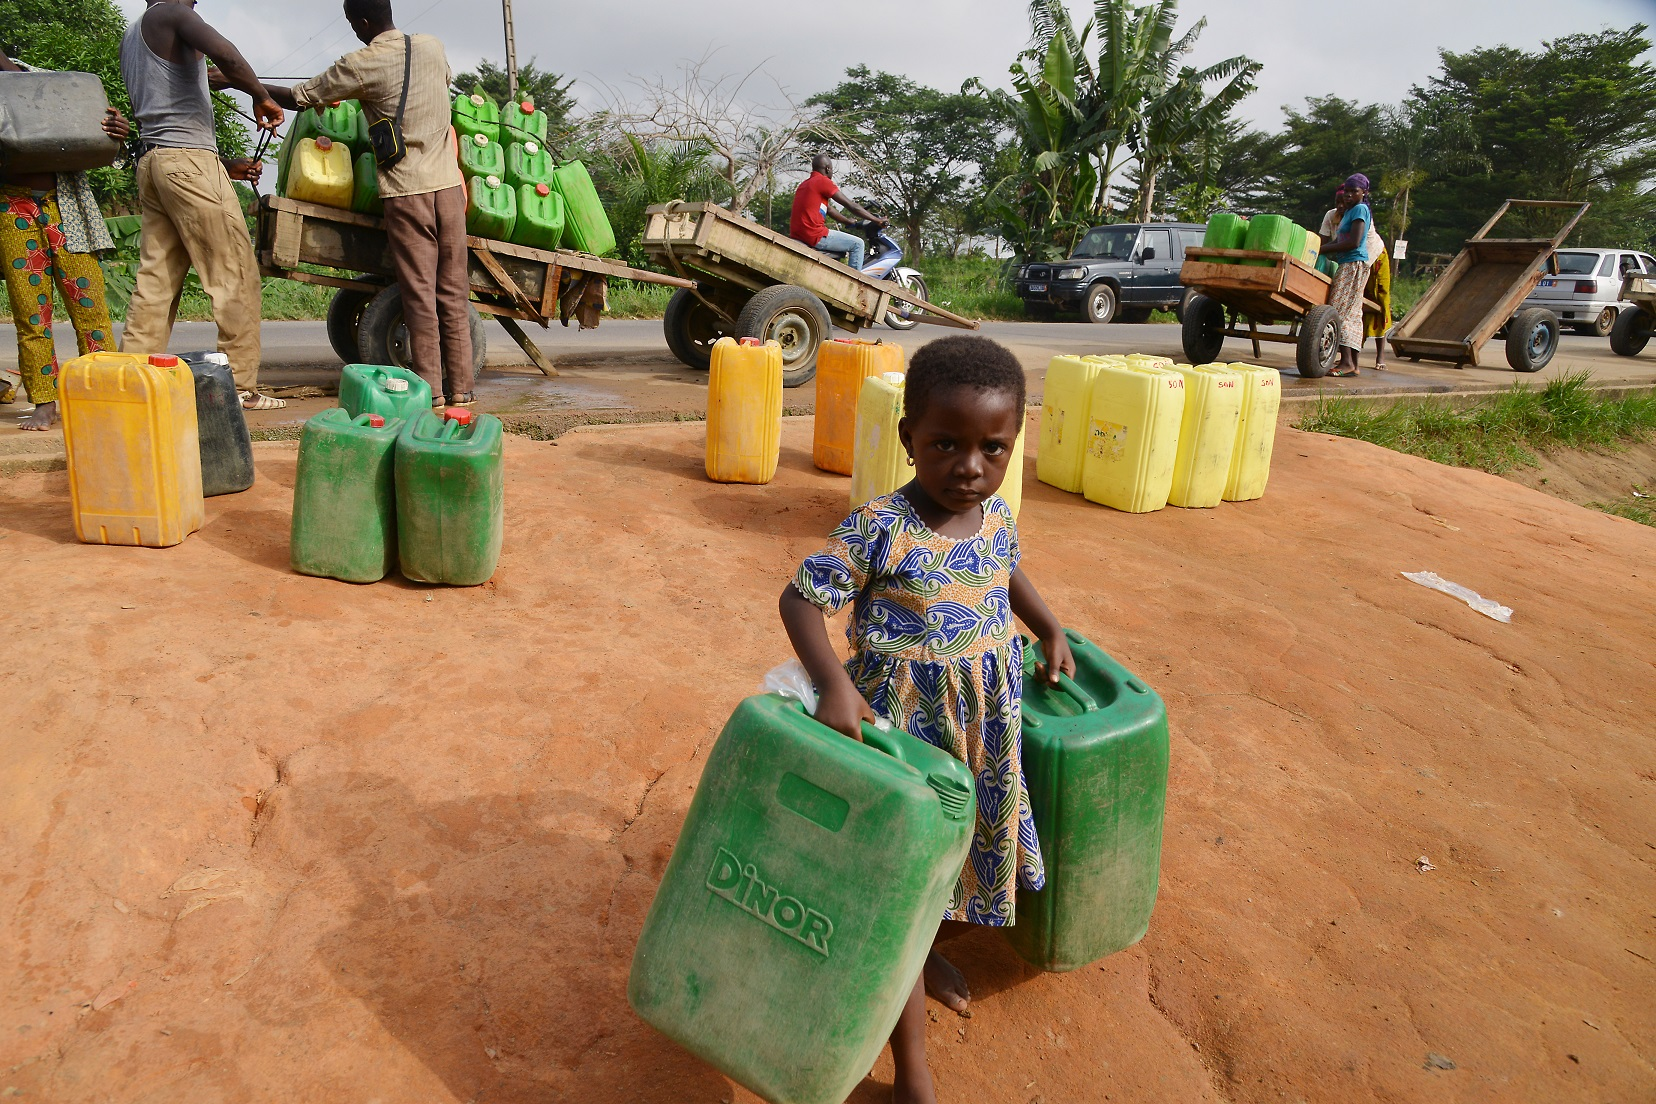 Menina carrega dois galões de água na região de Abobo, em Abidjan, na Costa do Marfim. Os países da África estão entre os que mais sofrem com a escassez de água. Foto Issouf Sanogo/AFP